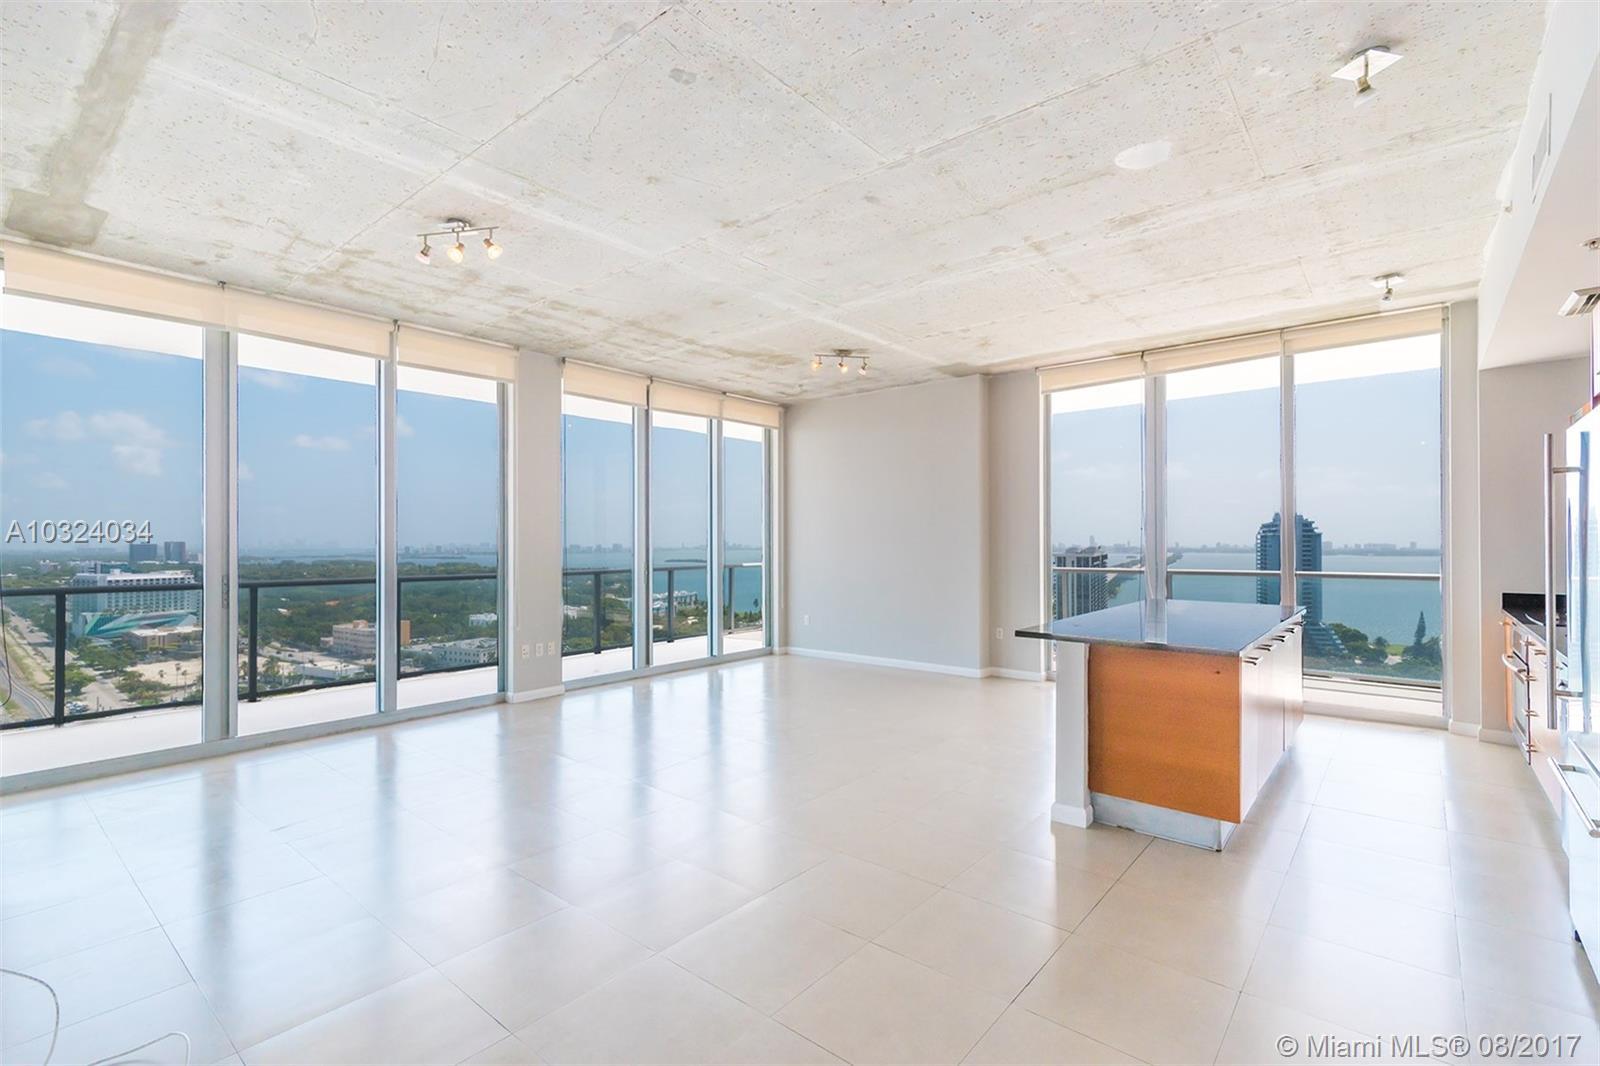 3470 E Coast Ave, H2201 - Miami, Florida